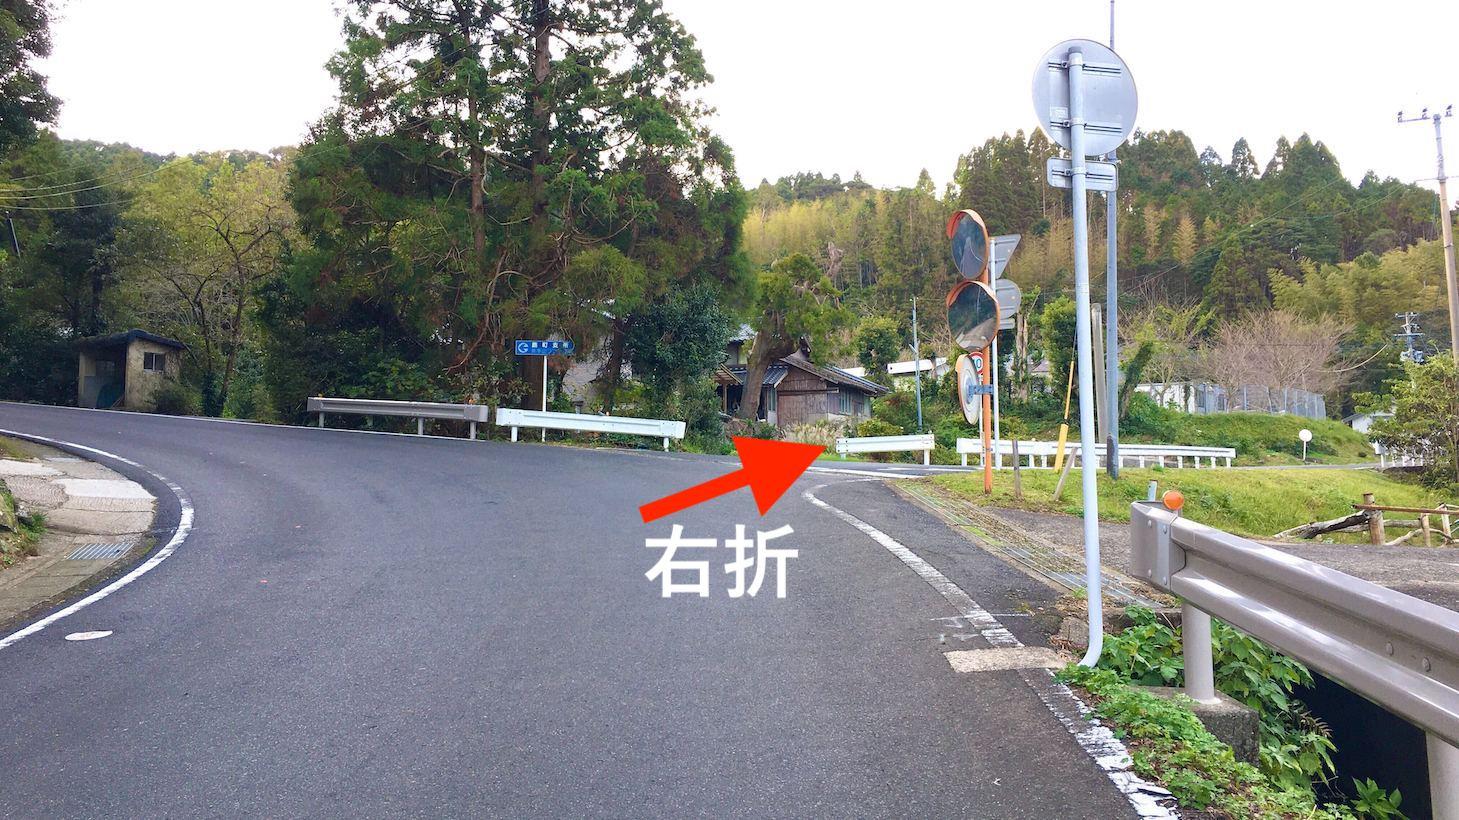 鹿町支所の標識がある交差点